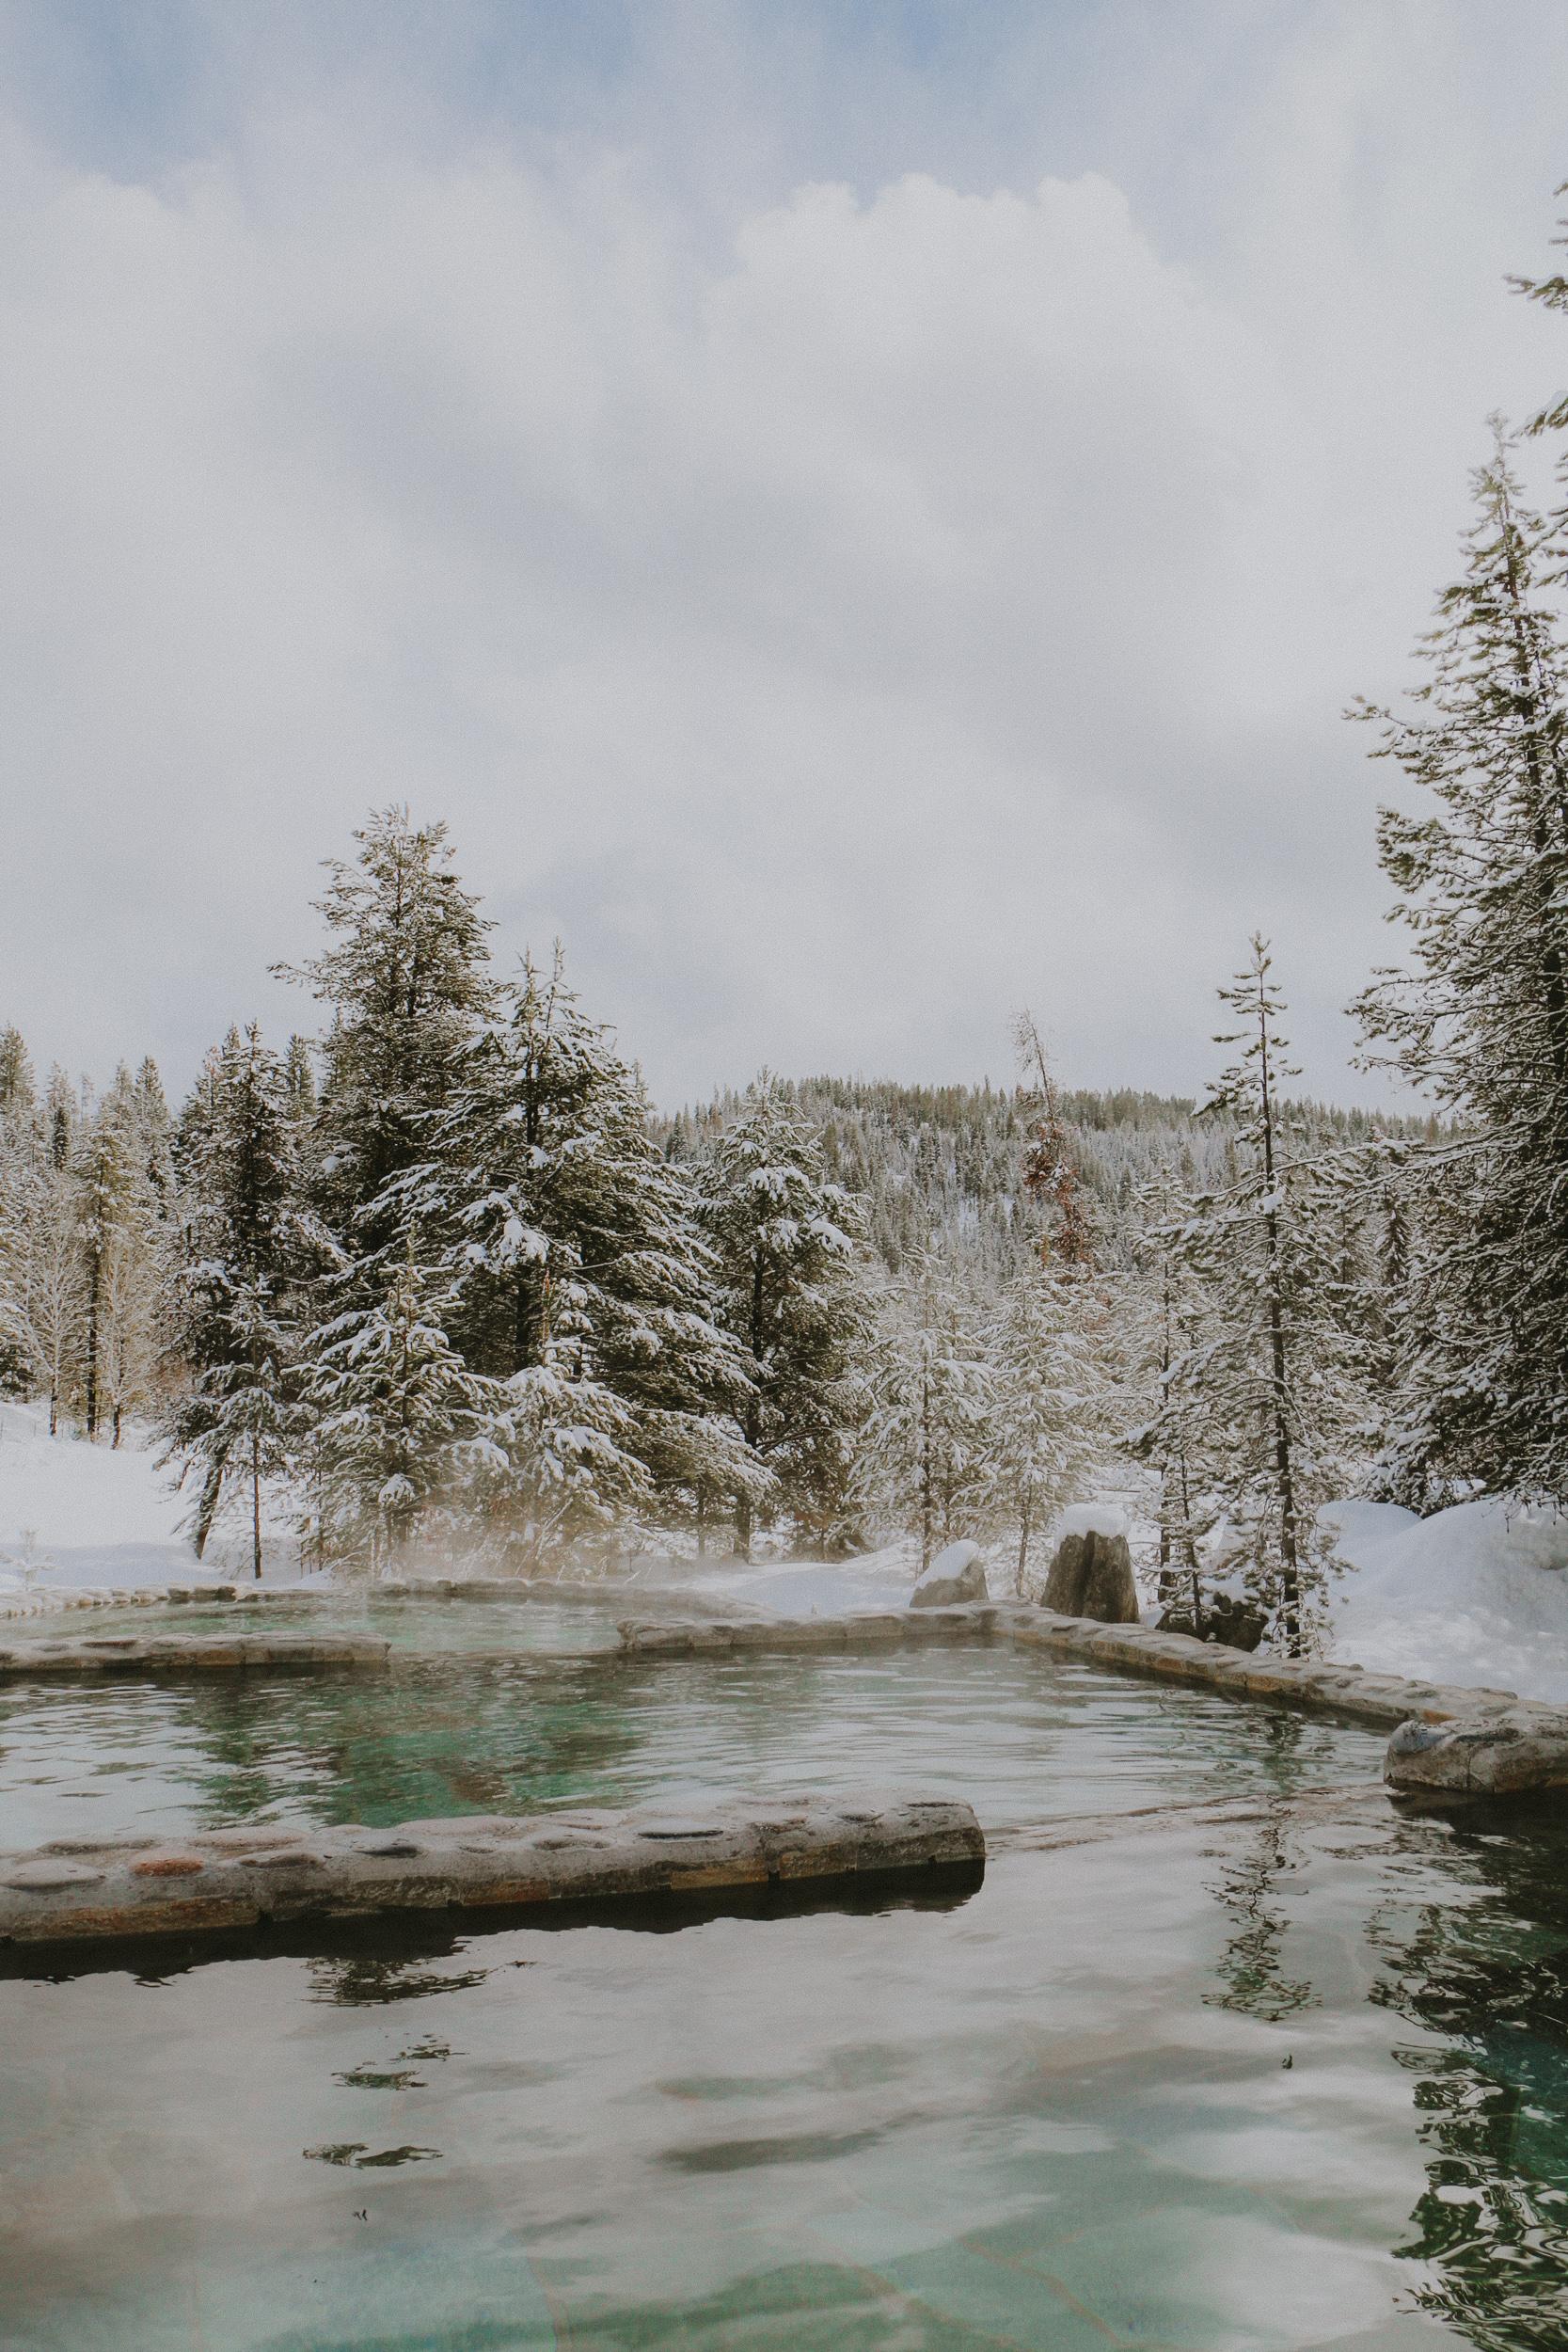 idaho hot springs road trip snowpocalypse-1816.jpg